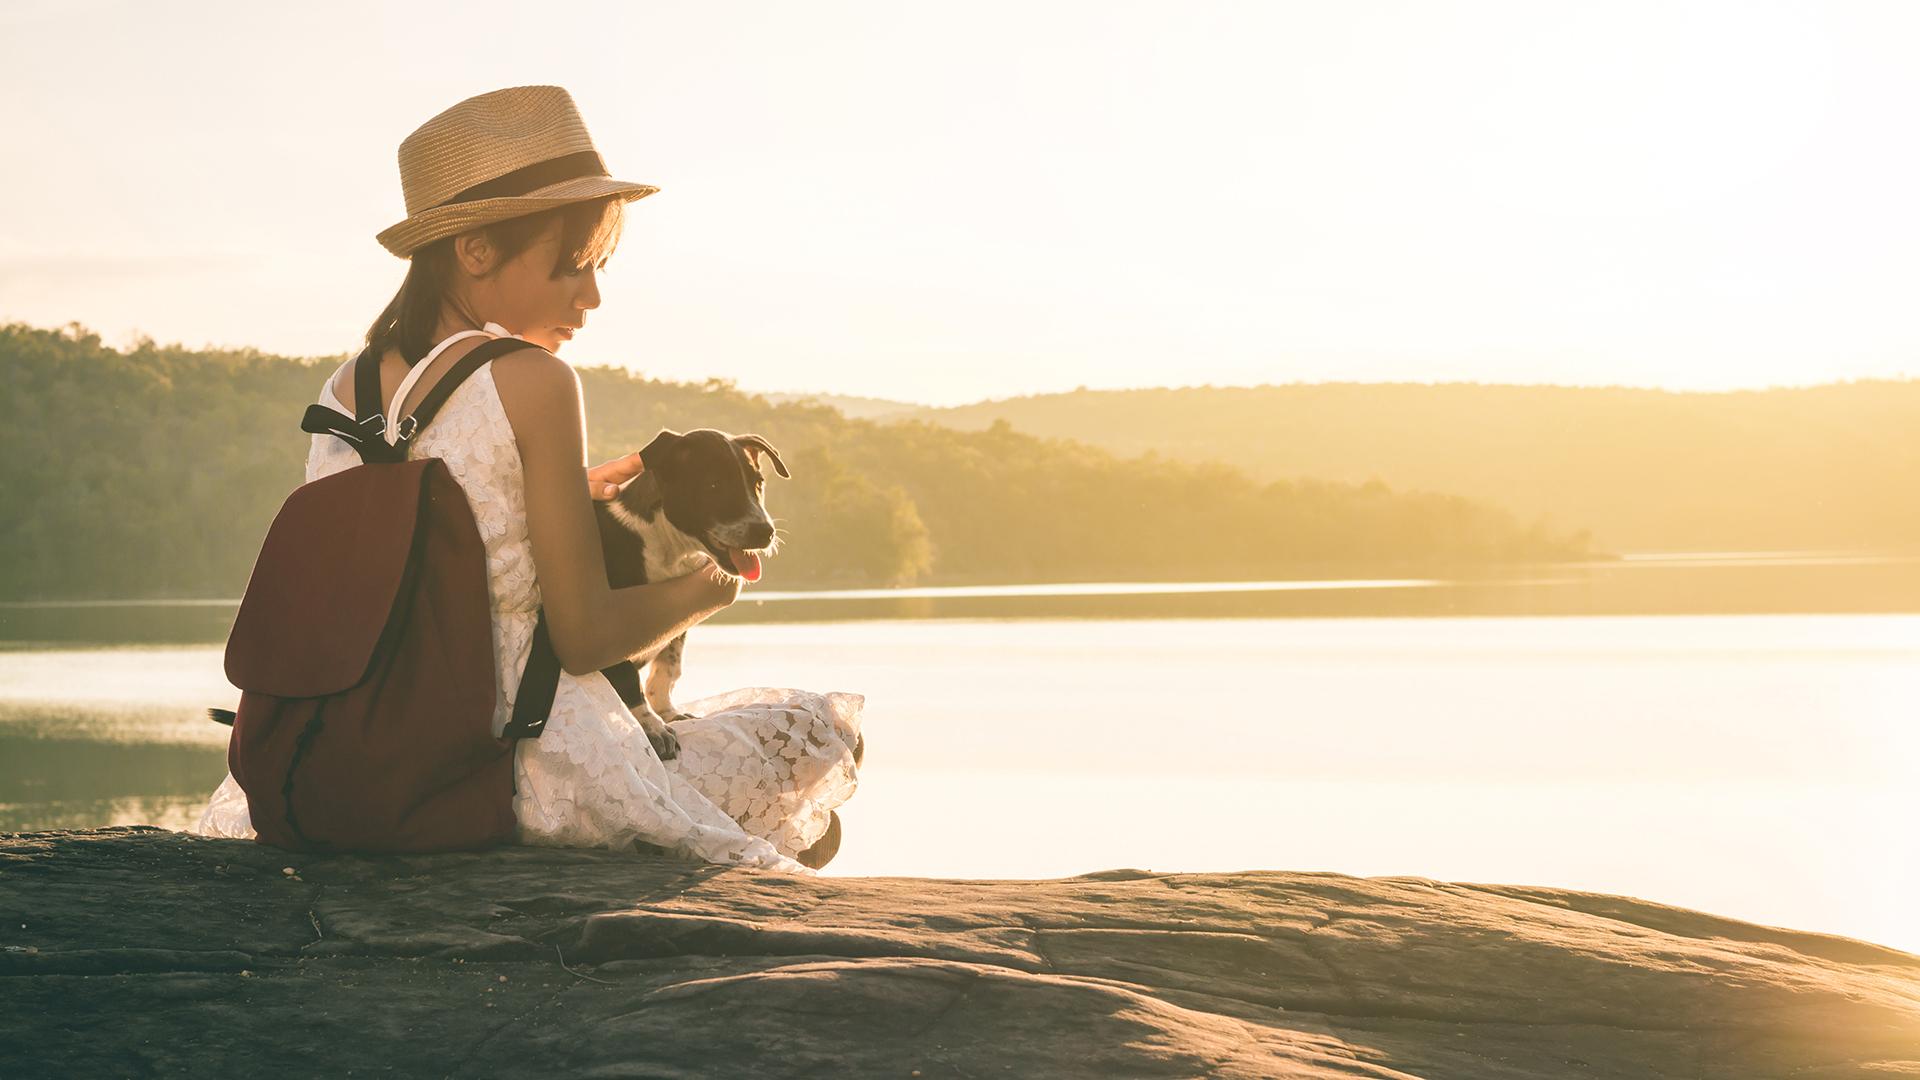 El turismo a base de la nueva tendencia Pet Friendly es una realidad (Getty Images)